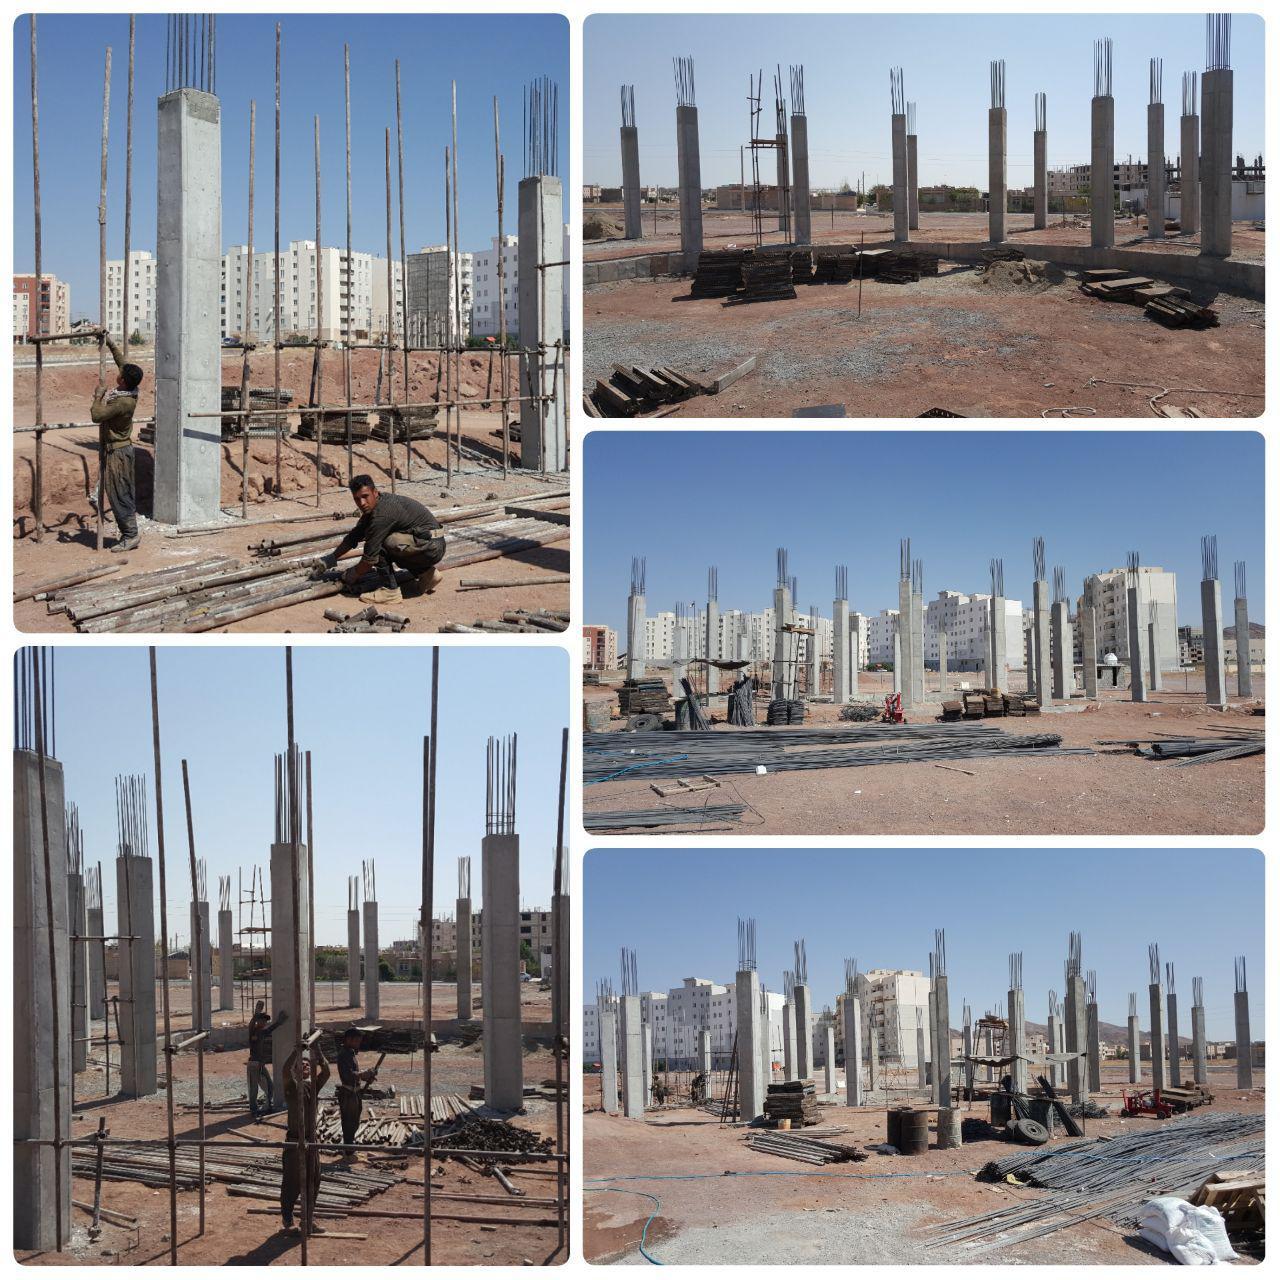 اتمام بتن ریزی ستون های پروژه زورخانه شهر پرند